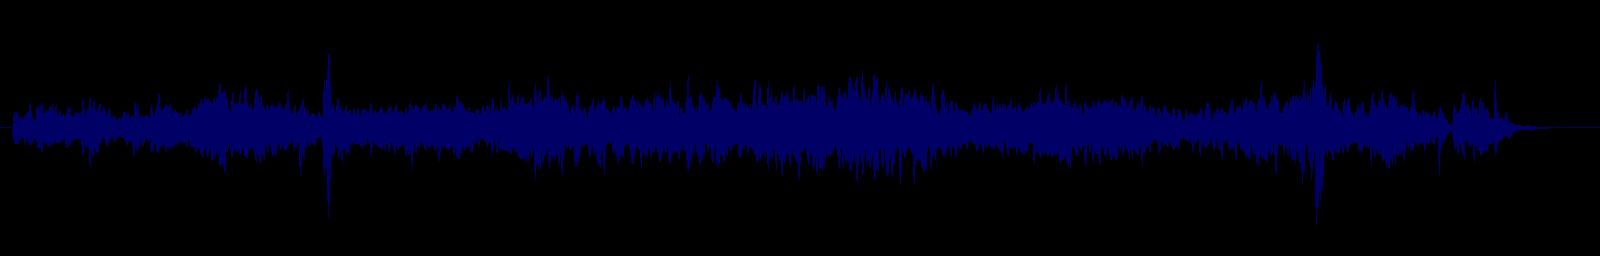 waveform of track #109336